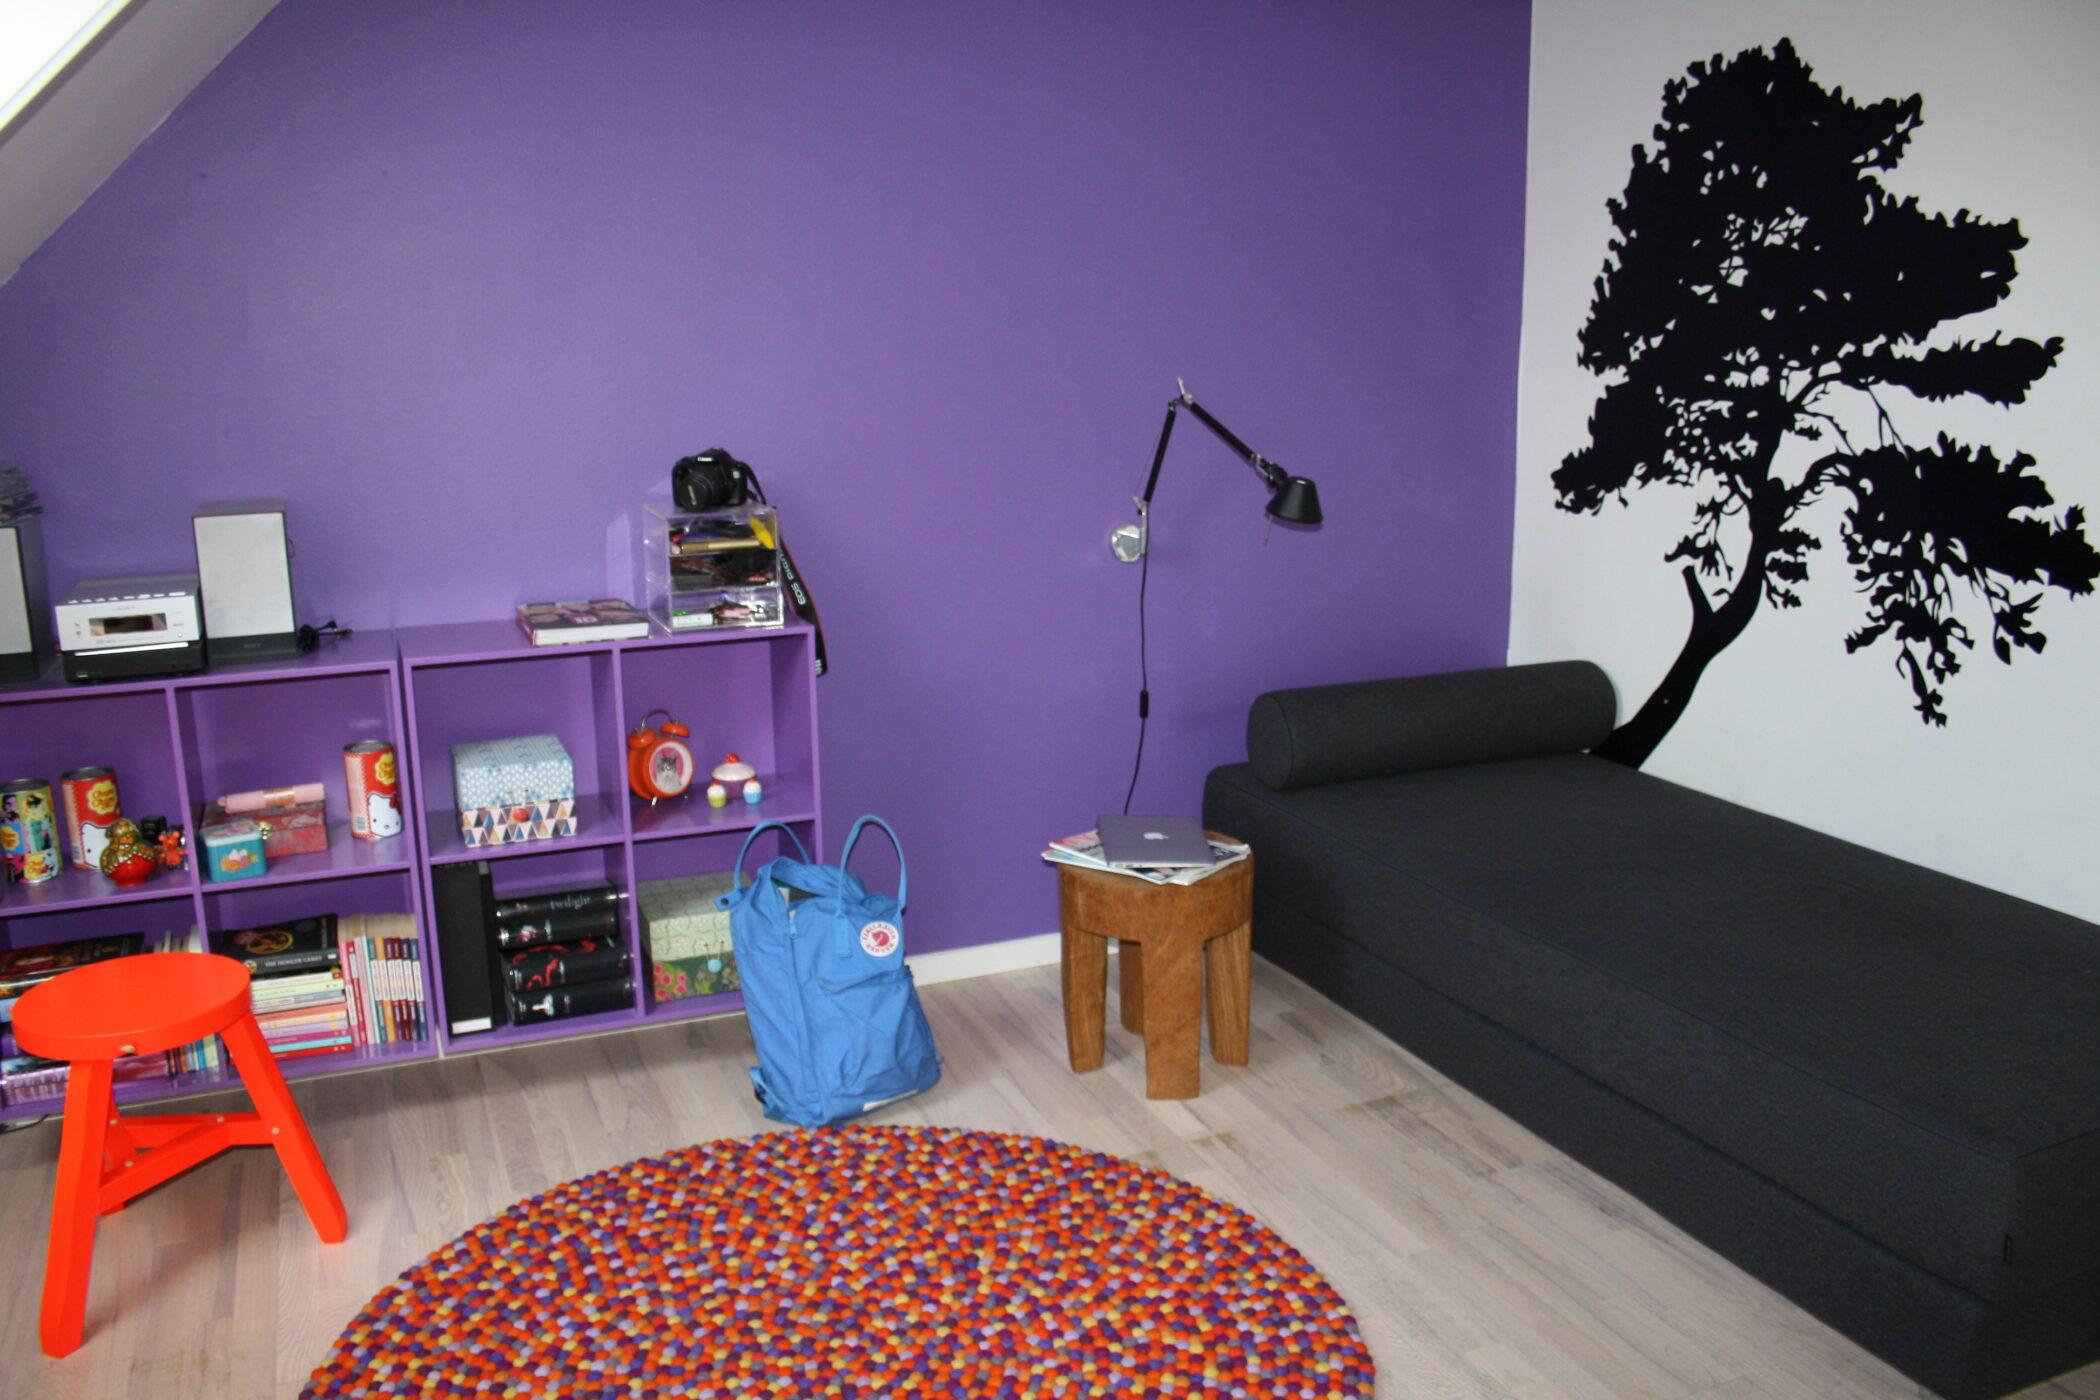 Rummet er blevet levende ved at male væggen lilla. Endvidere er bogkasserne male i samme farve, for at skabe ro i helhedsoplevelsen af rummet